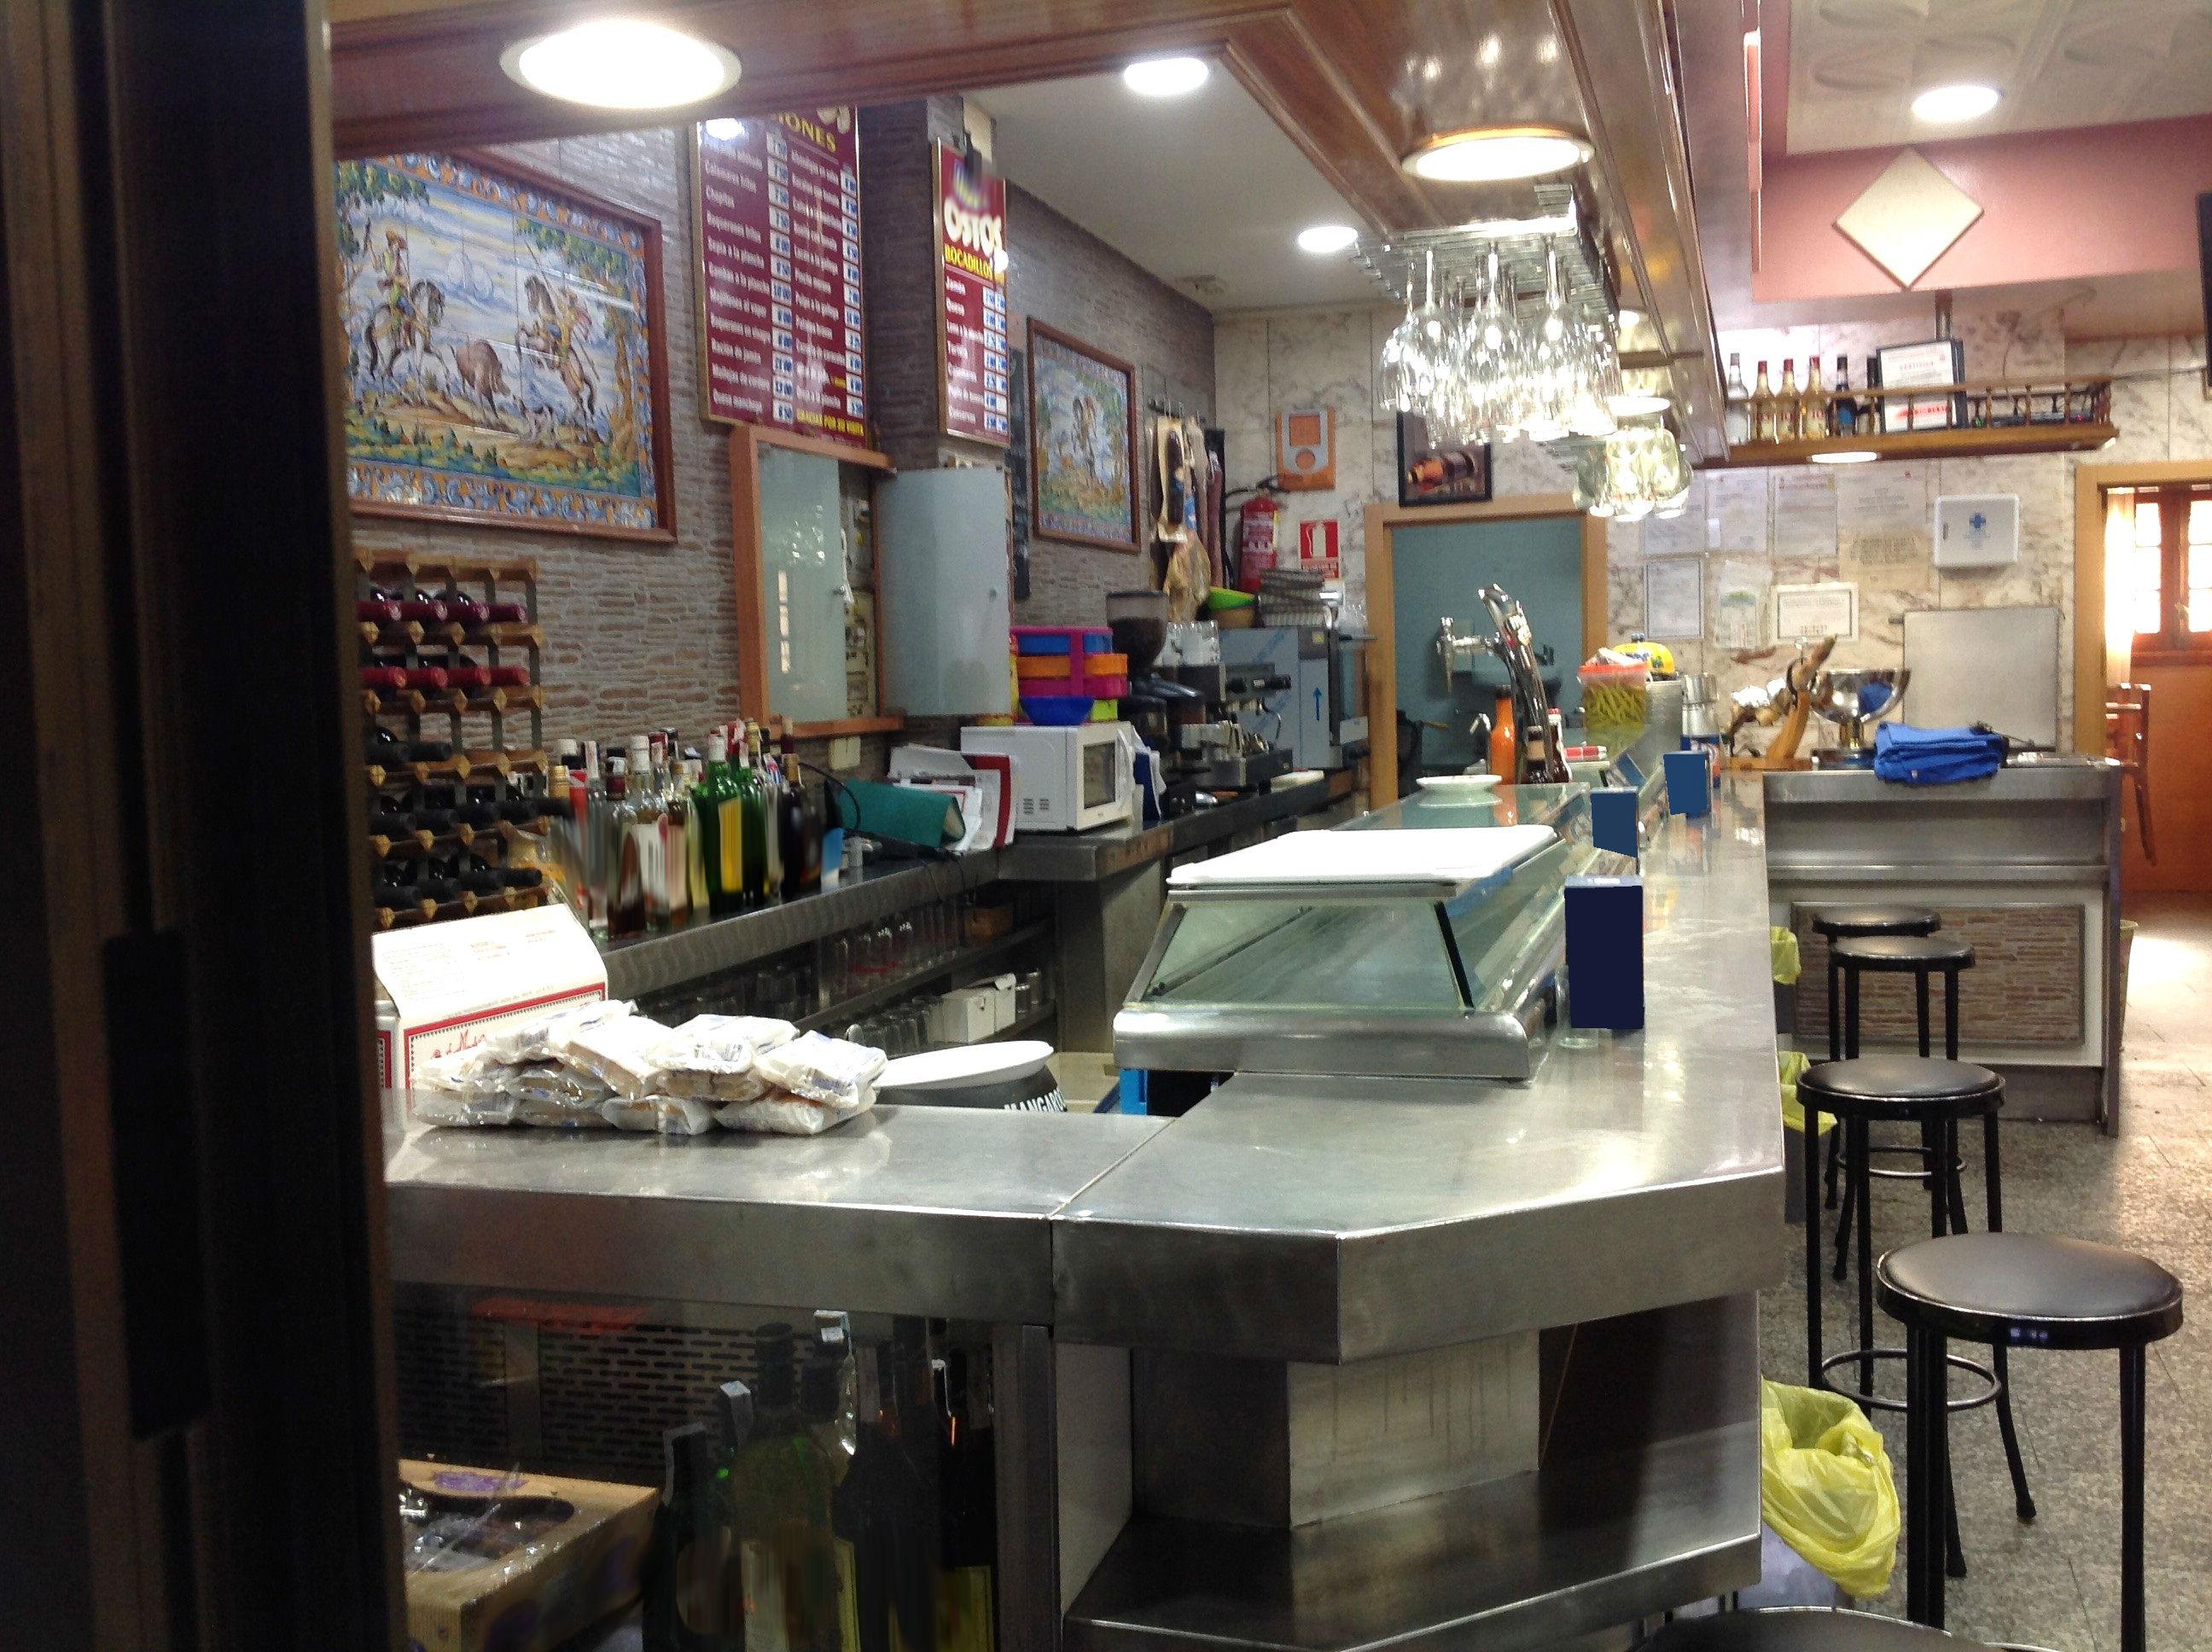 Excelente Buena Cocina Y El Bar Ideas - Ideas de Decoración de ...